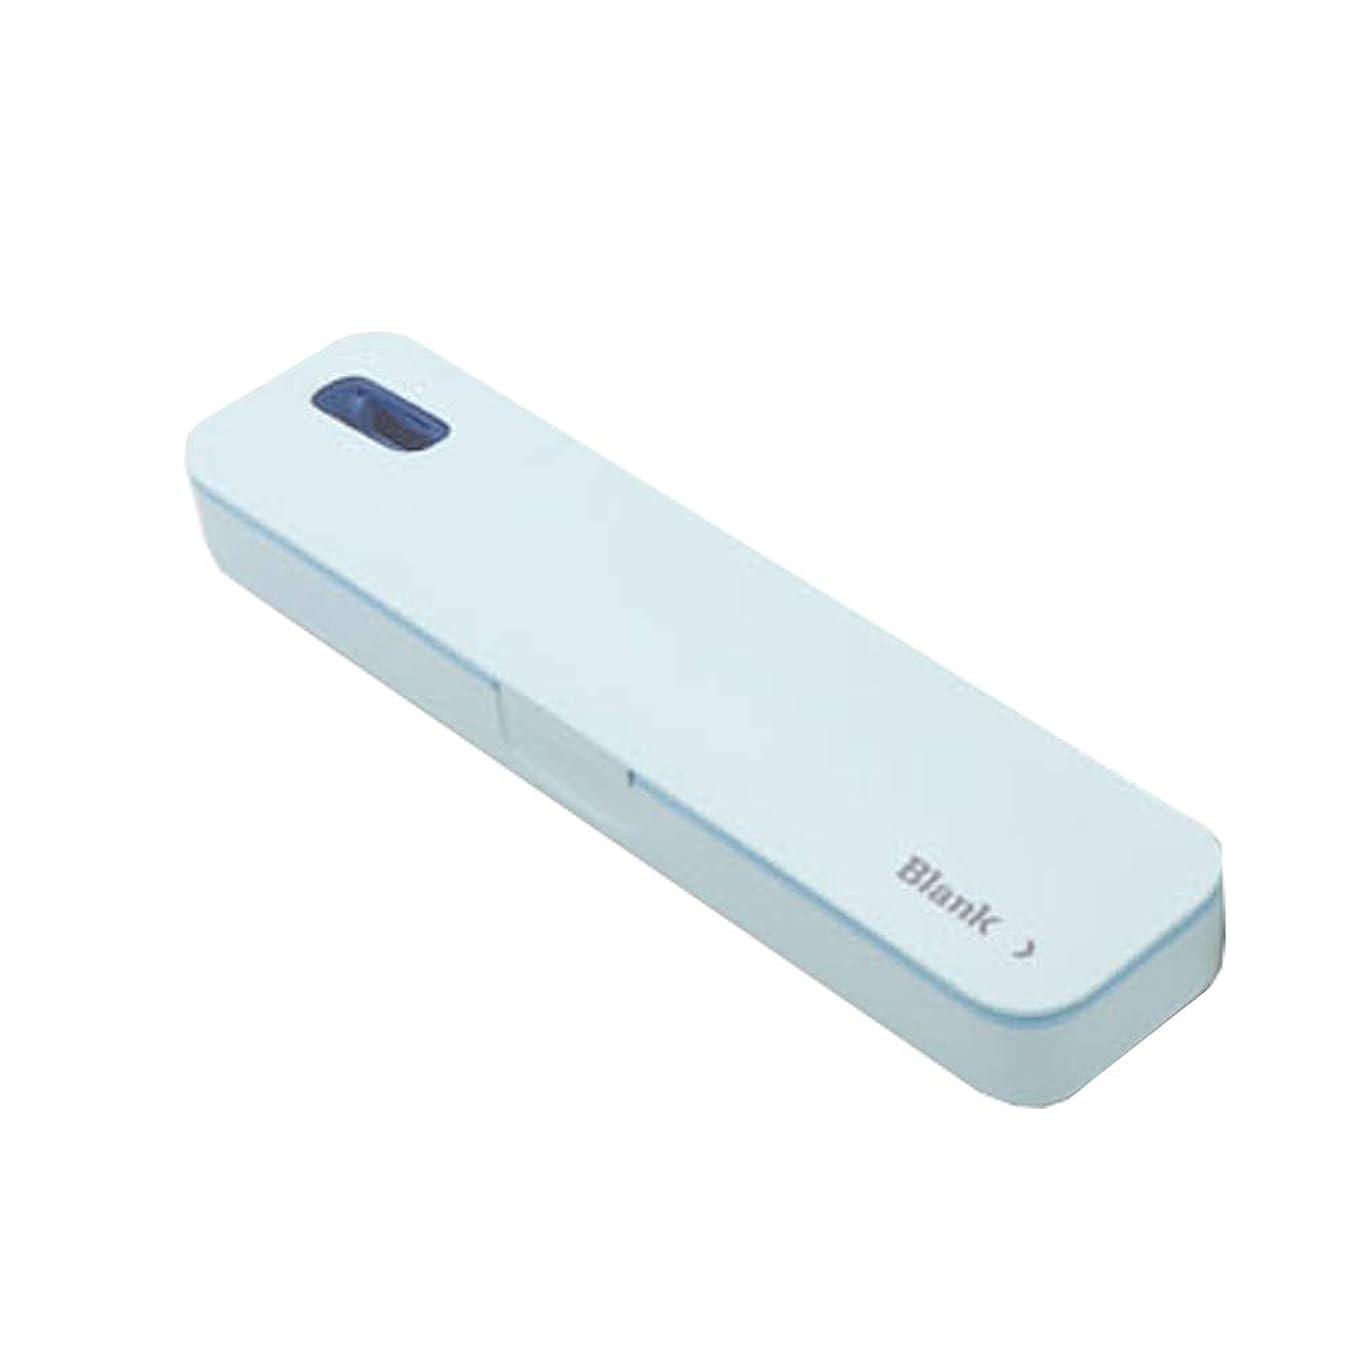 米ドル予測内部iriver TBS-A500ポータブル紫外線歯ブラシ消毒剤 (Blue)